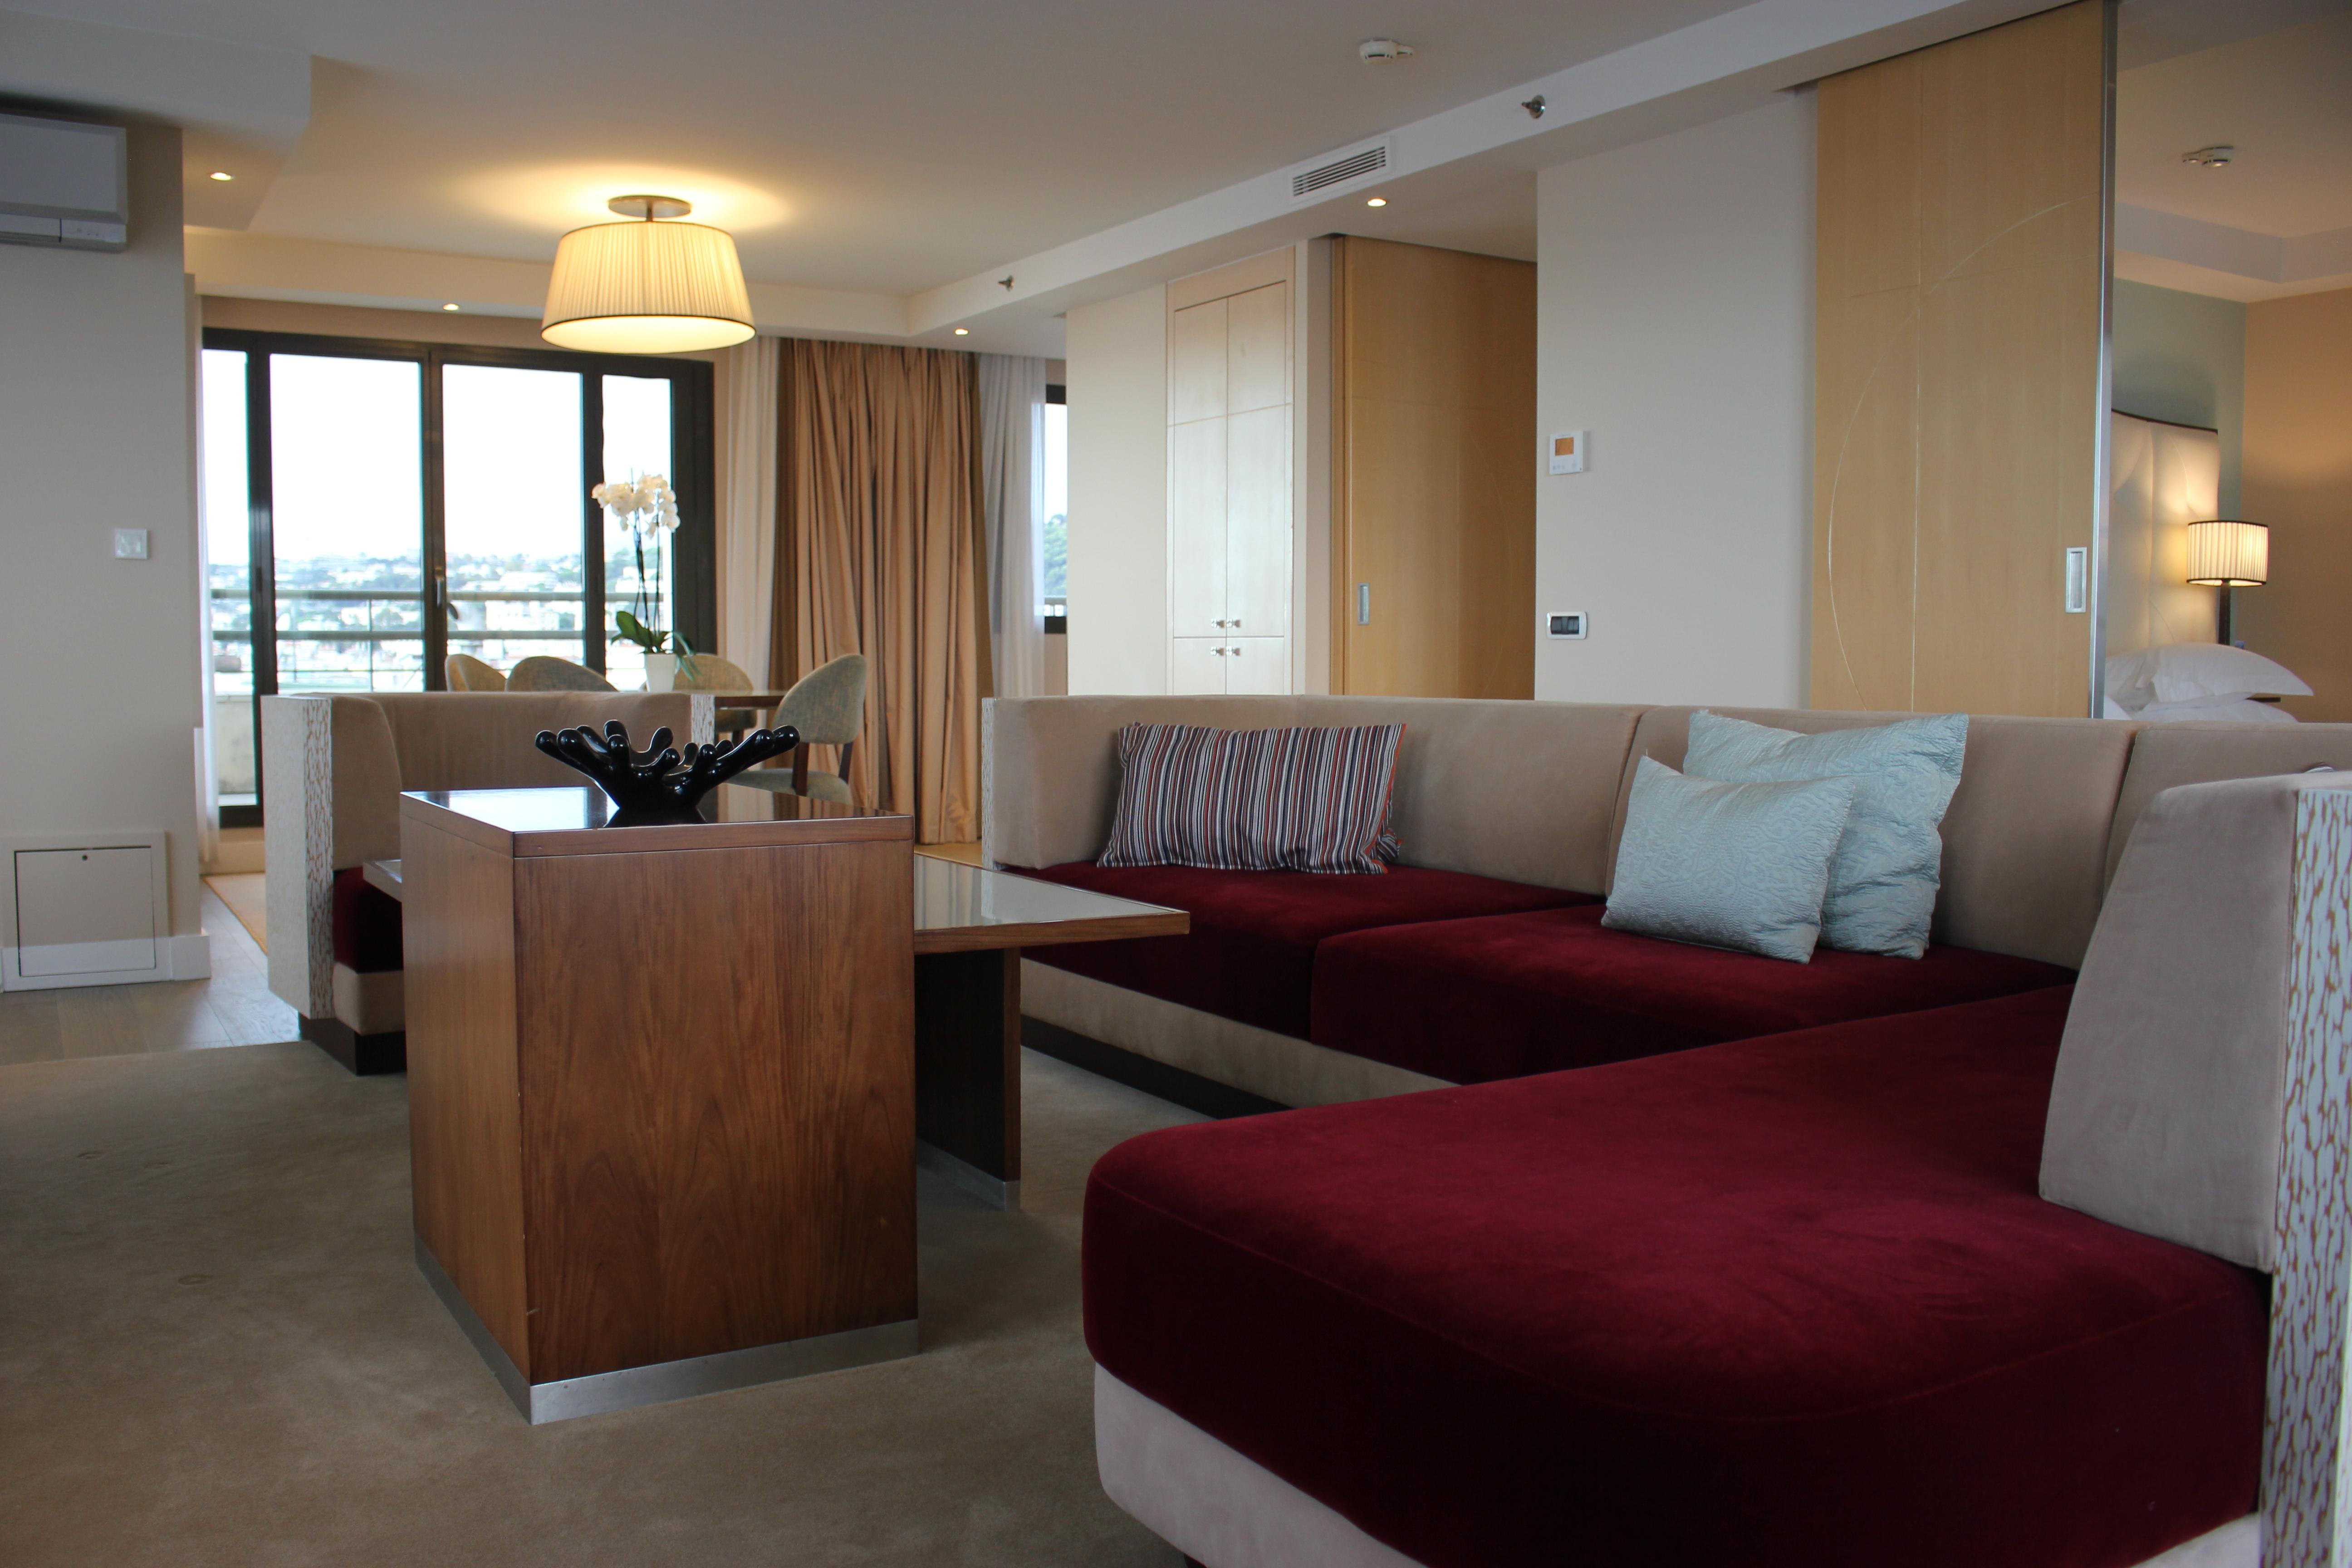 Hyatt Regency Nice suite